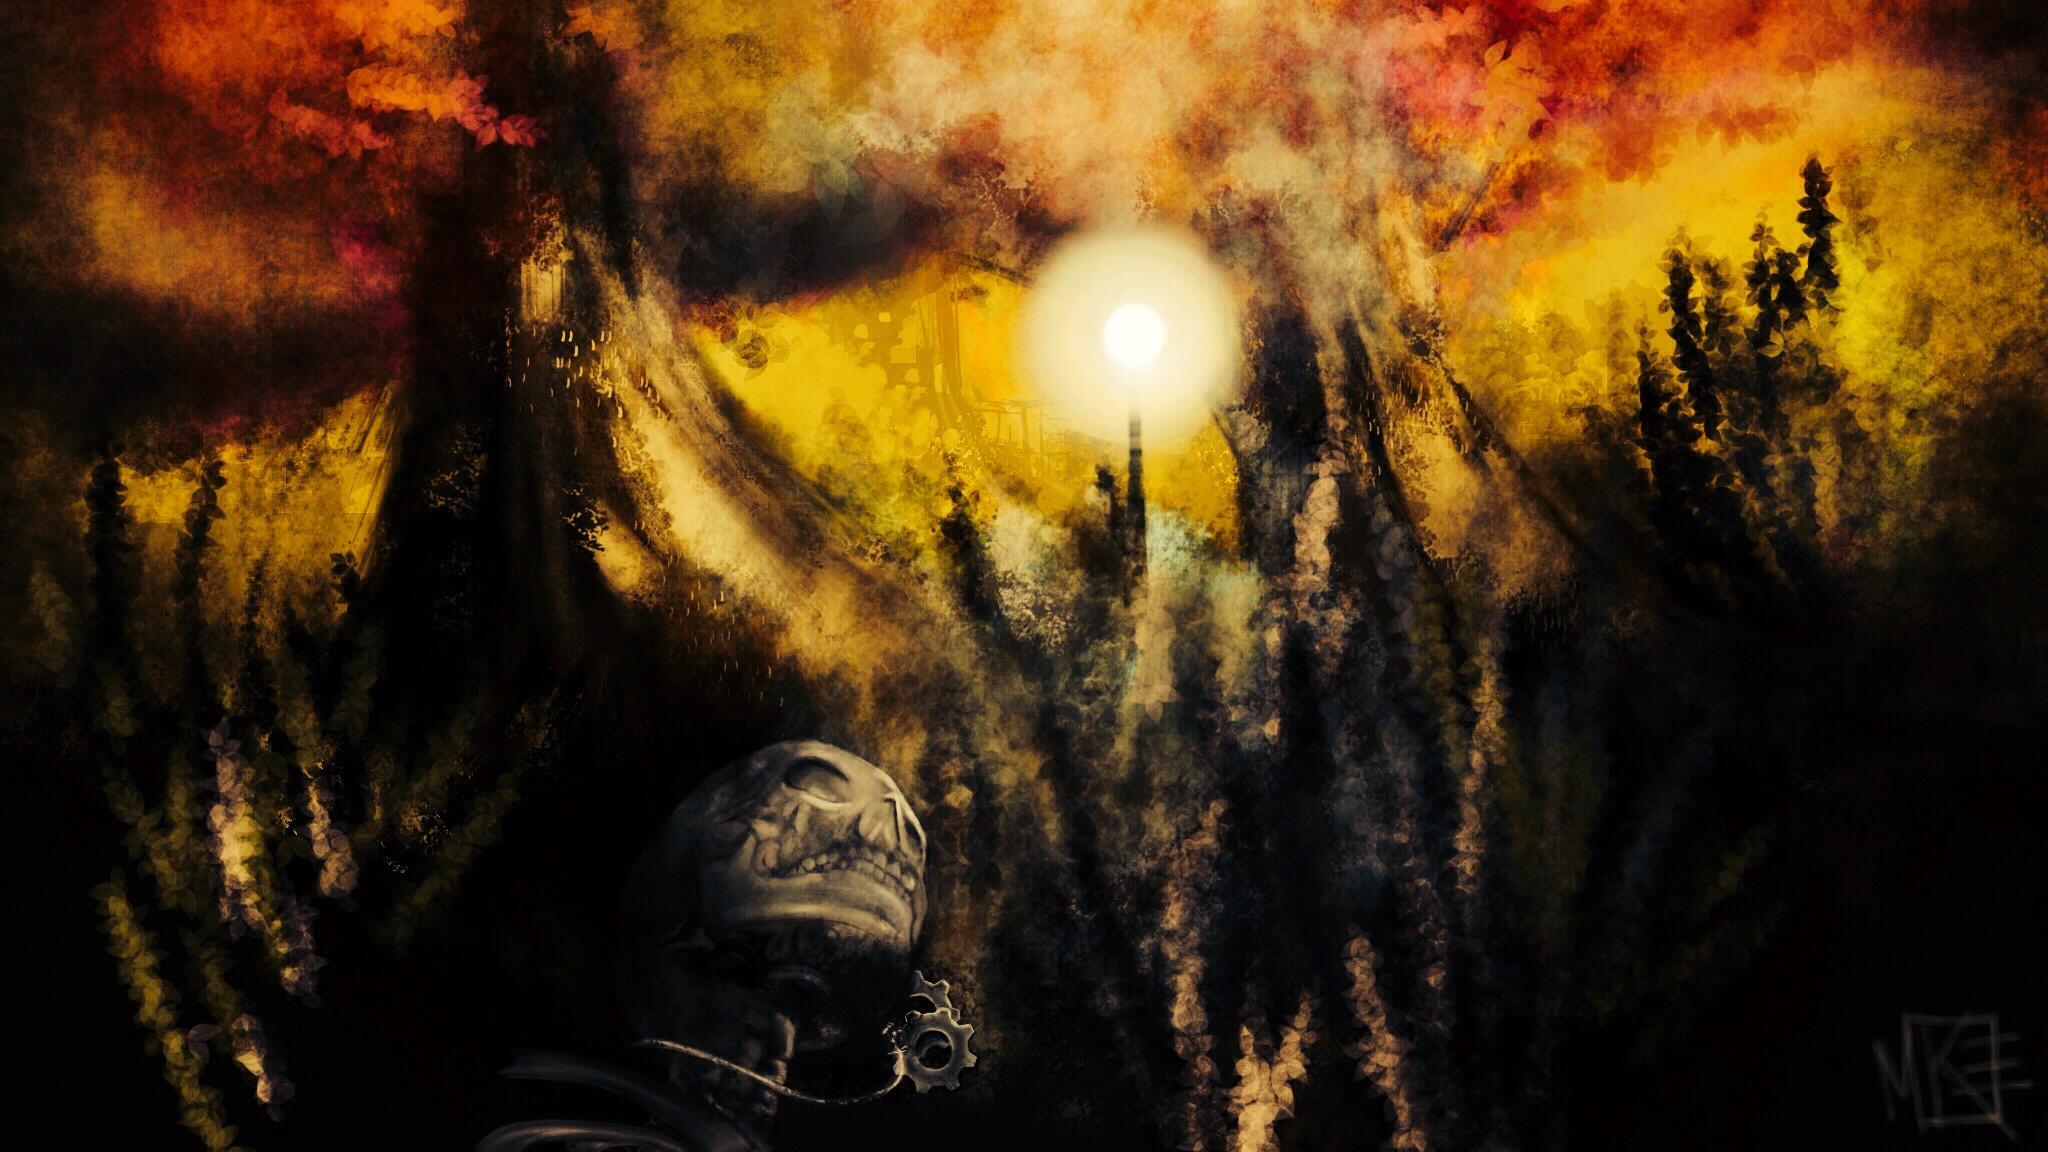 Czeshop Images Fallen Soldier Memorial Wallpaper